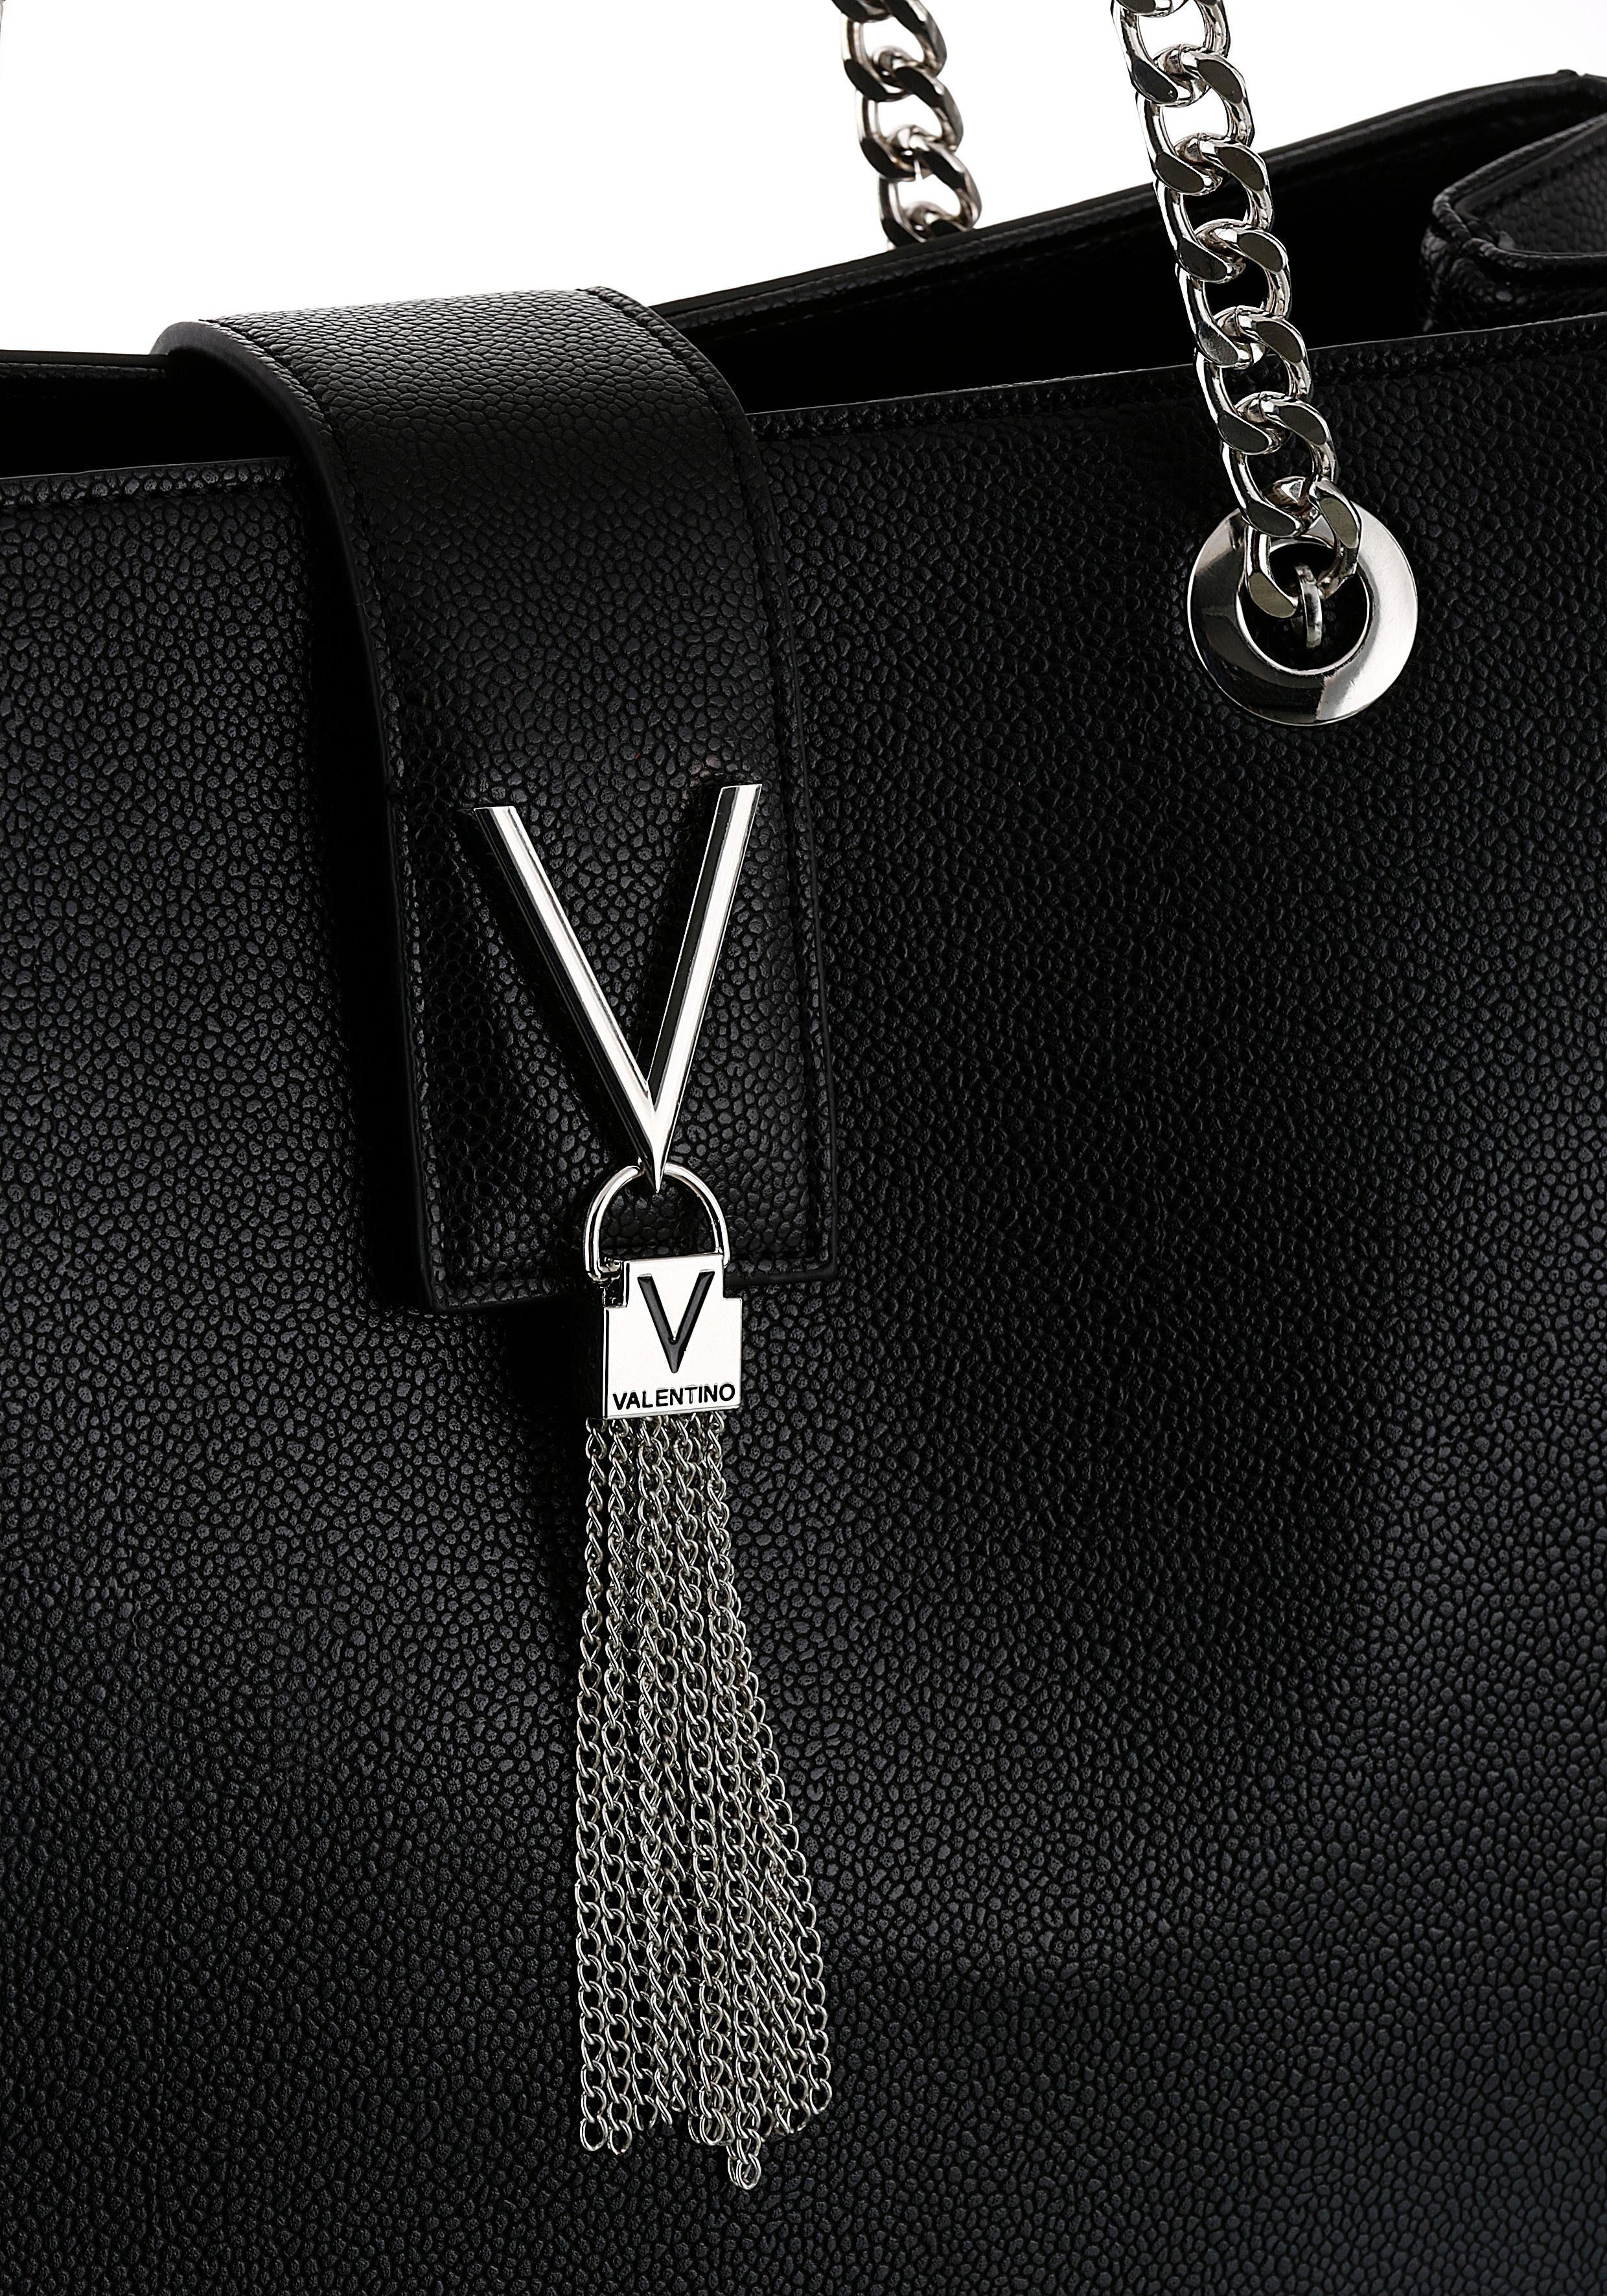 Mit »divina« Tragehenkel Im Ketteneinsatz Modischen Valentino Henkeltasche Handbags fxvtSS